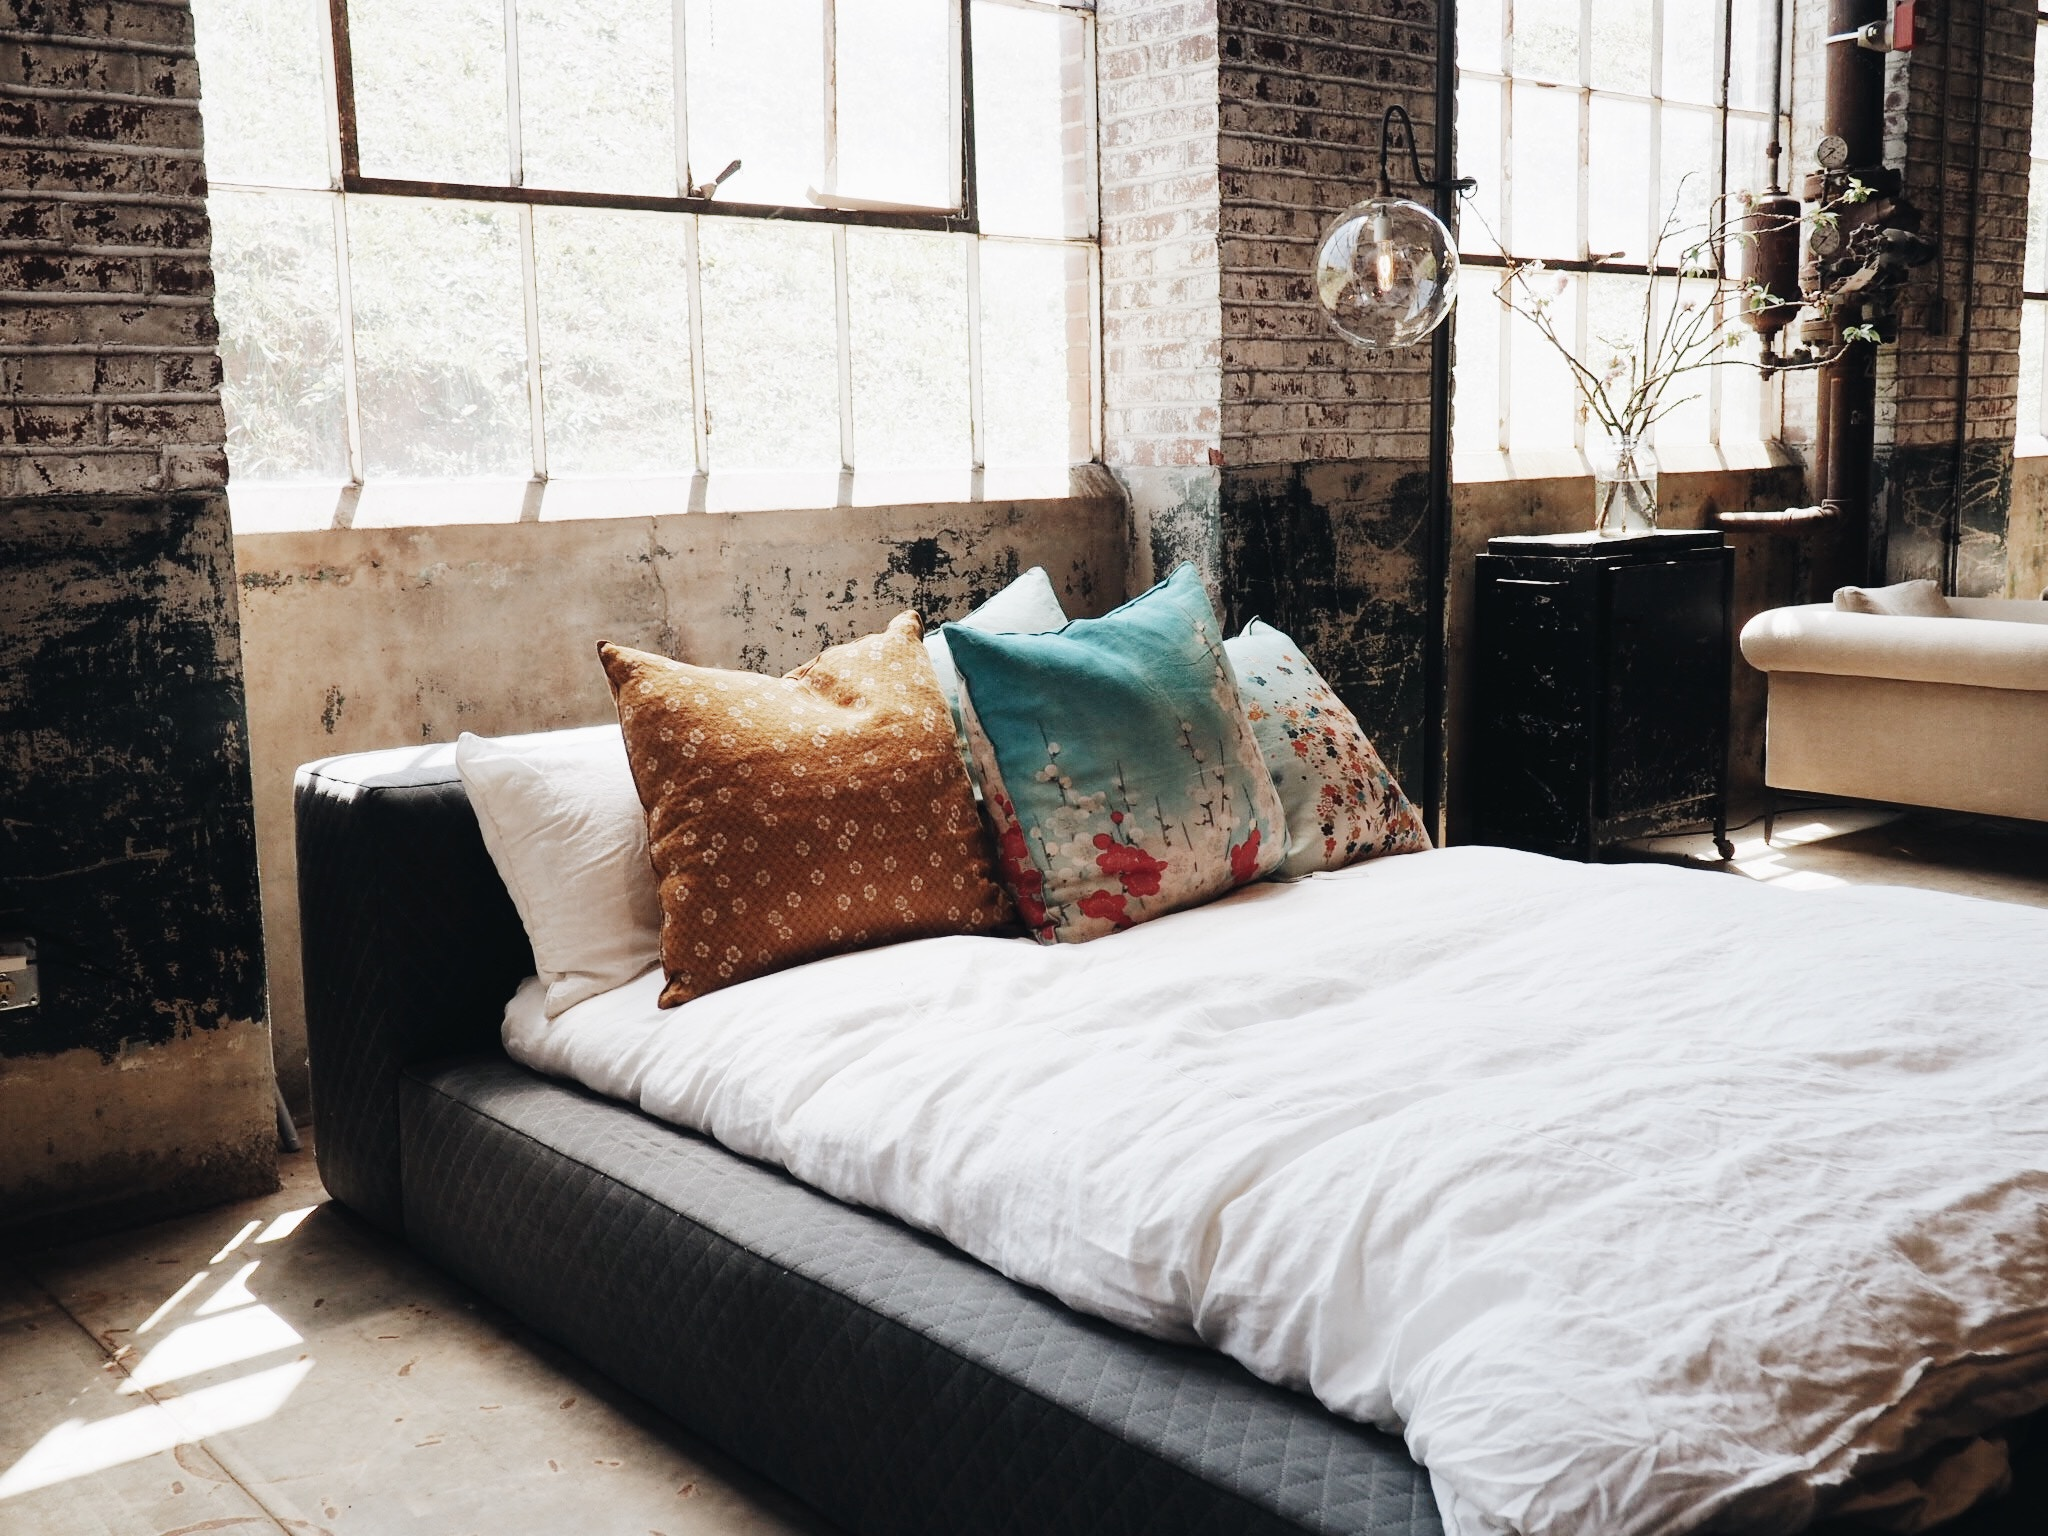 Sovevaerelset Er Ikke Som Resten Af Indretningen Hl11 Dk